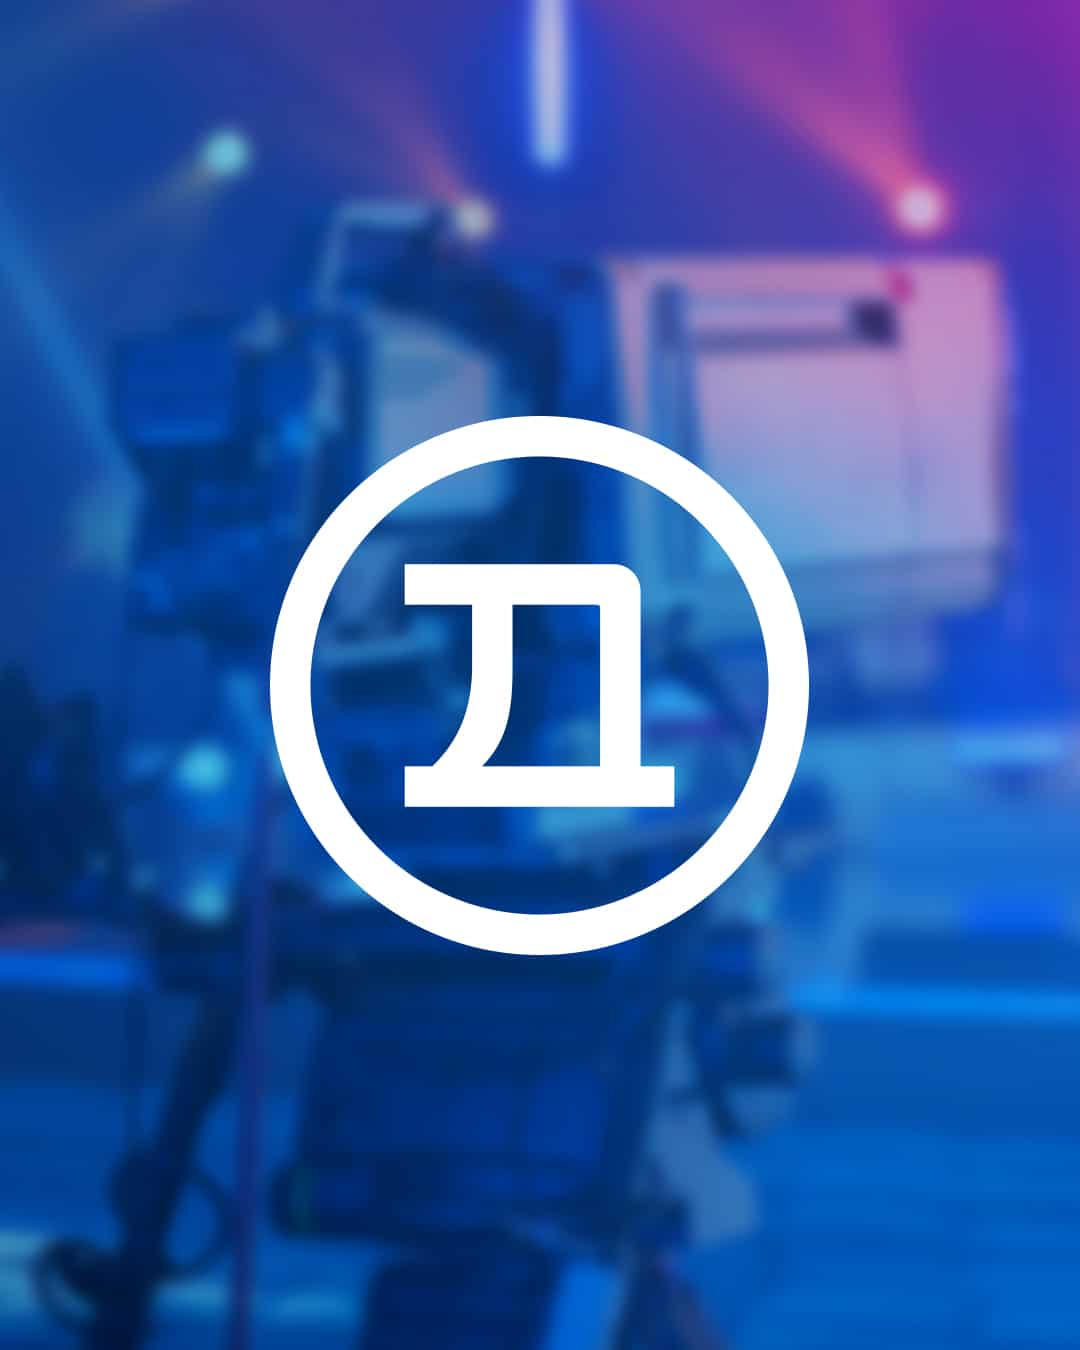 ТВ Домодедово